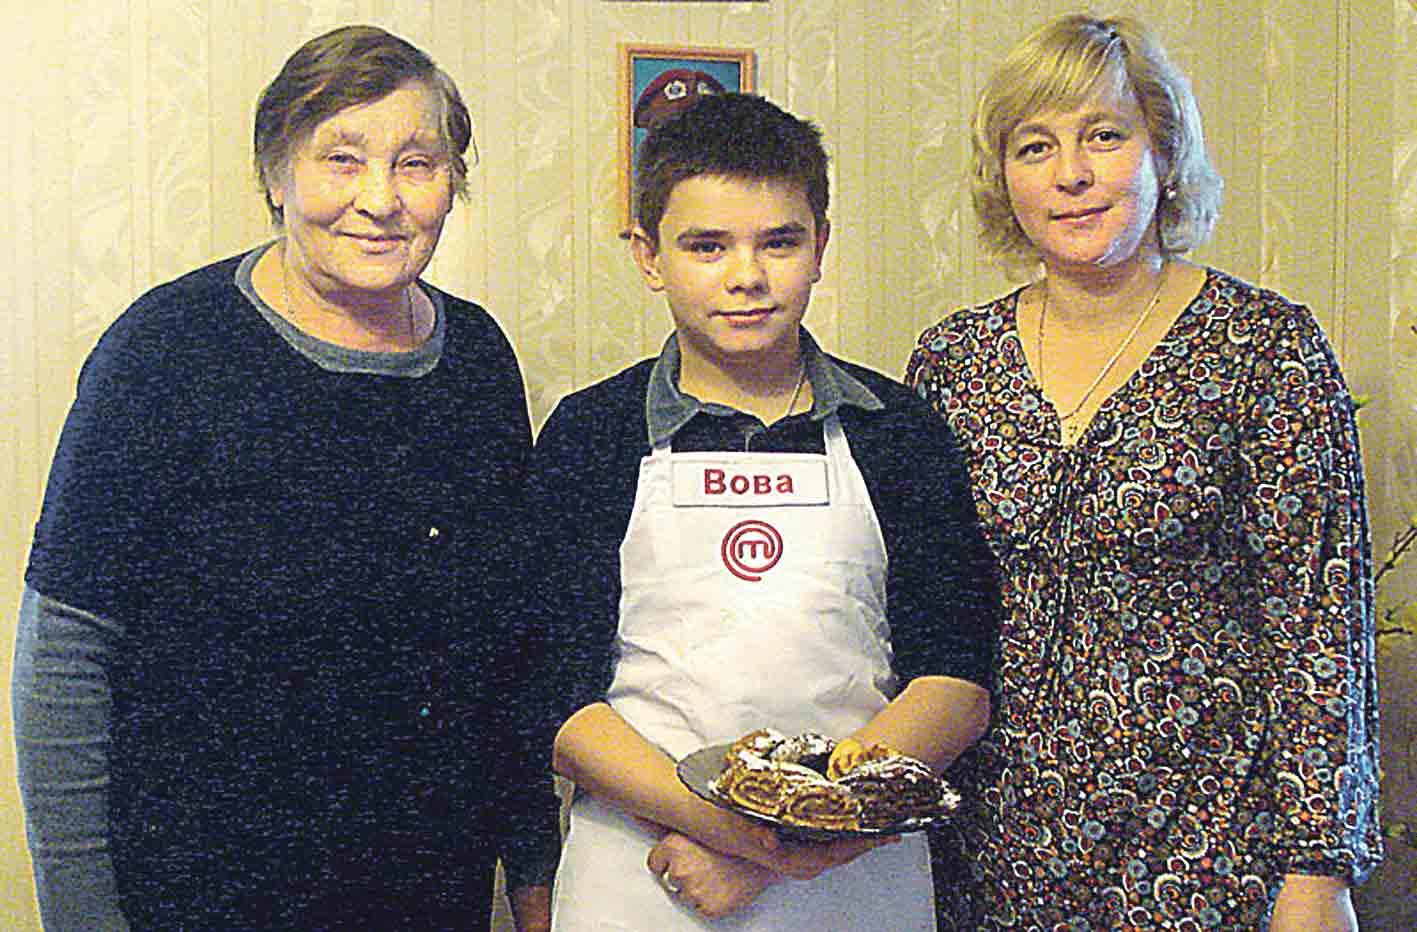 Учасник «Мастер шеф» із Михайлівки мріє бути медиком та відкрити у рідному селі сімейне кафе